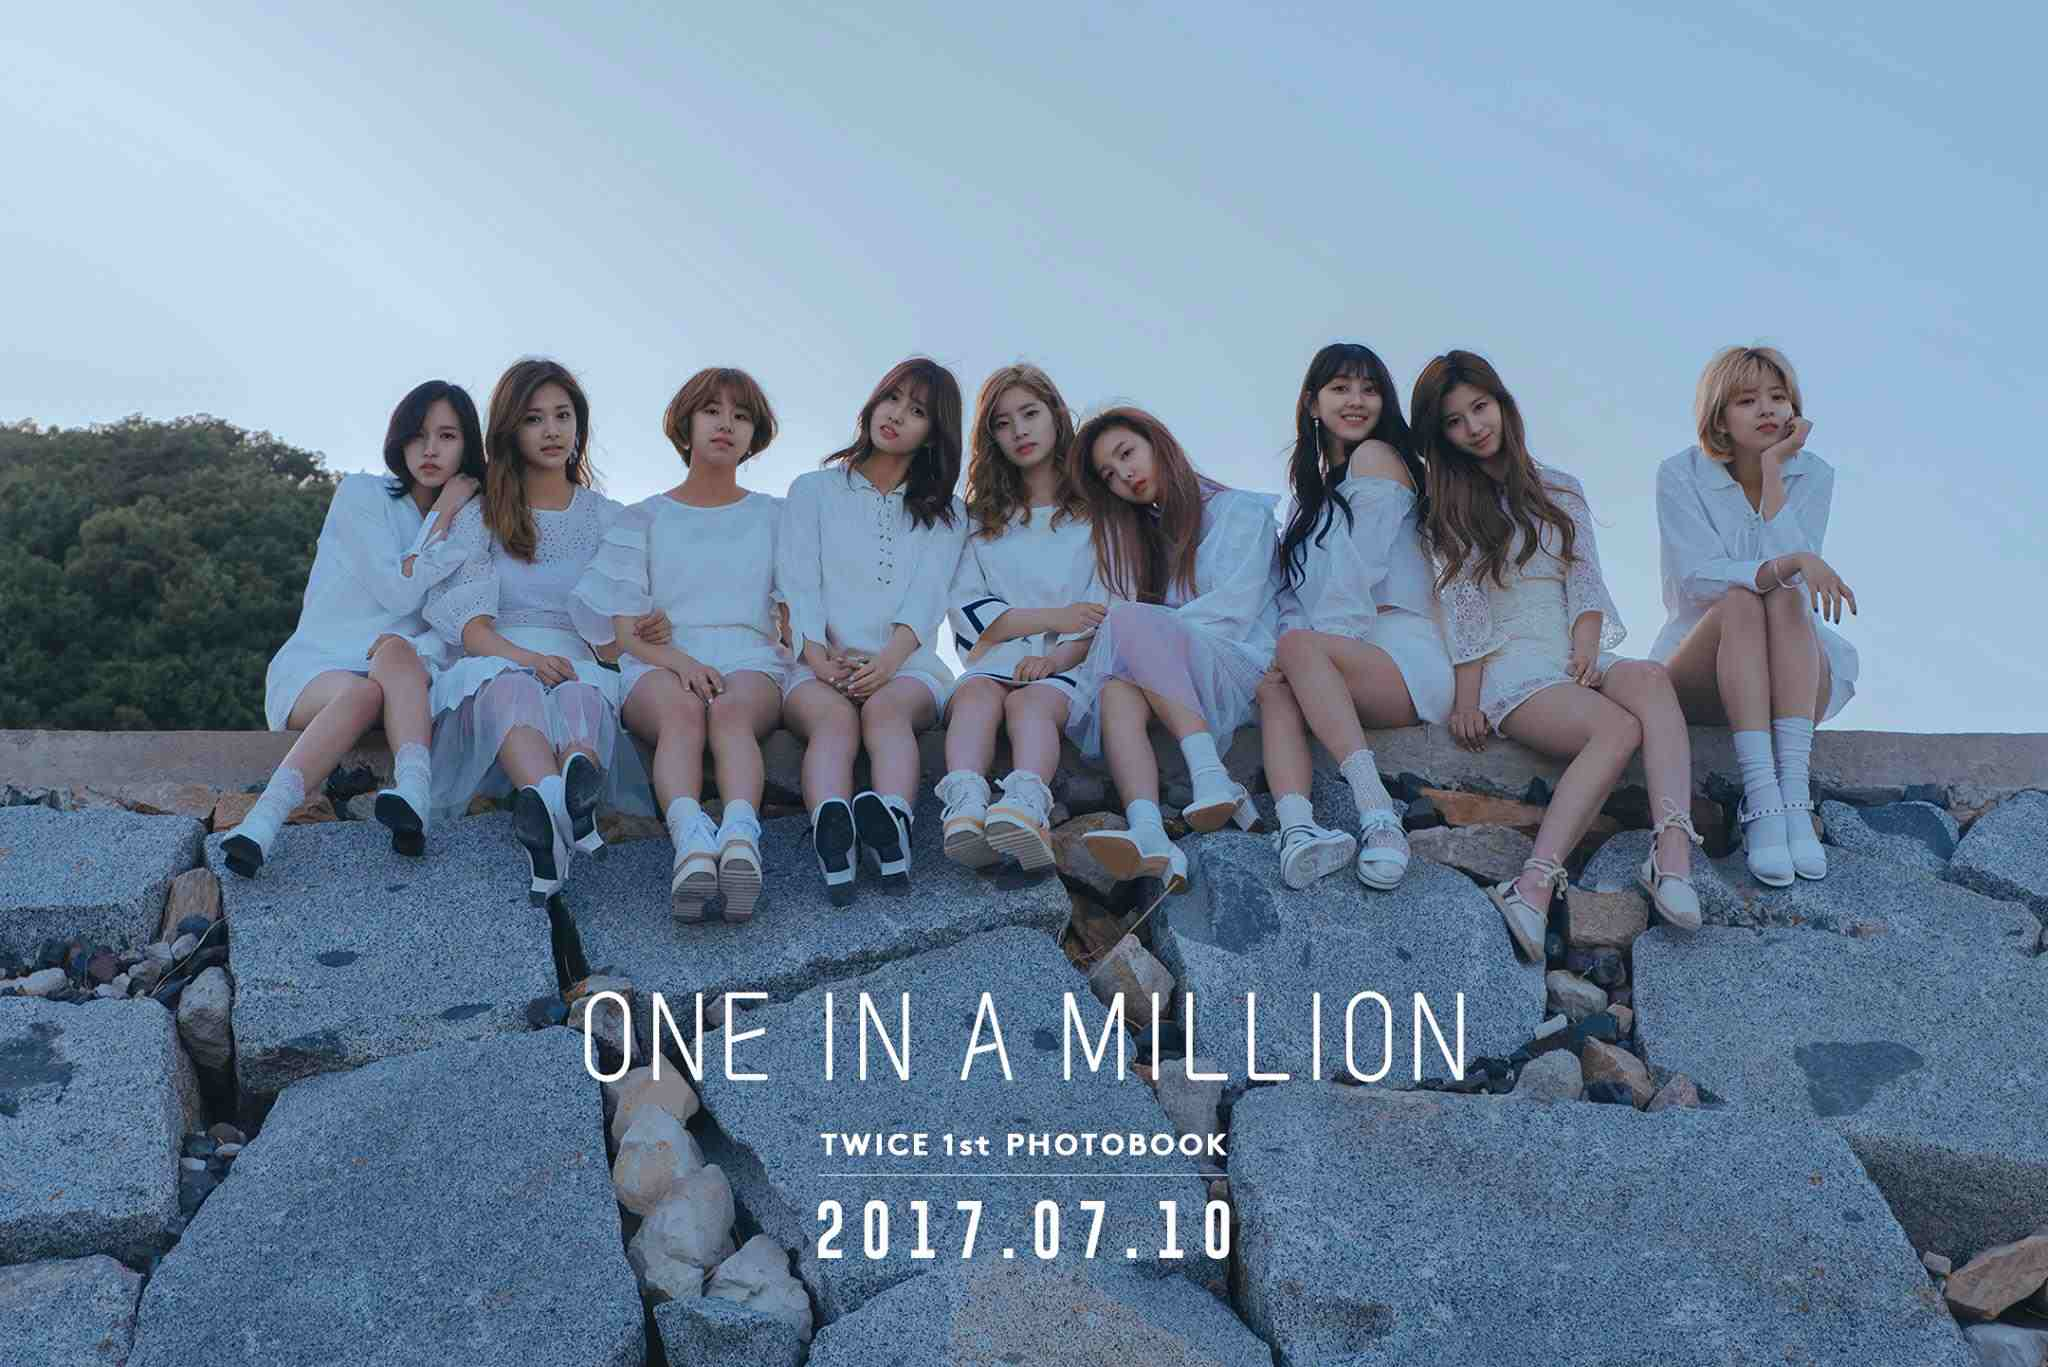 雖然出道就大紅,幾乎成了JYP家女團的傳統,不過TWICE爆紅的速度卻仍讓大眾吃驚。不僅才發行到迷你4輯,唱片銷量就打破女團紀錄,直逼男團等級